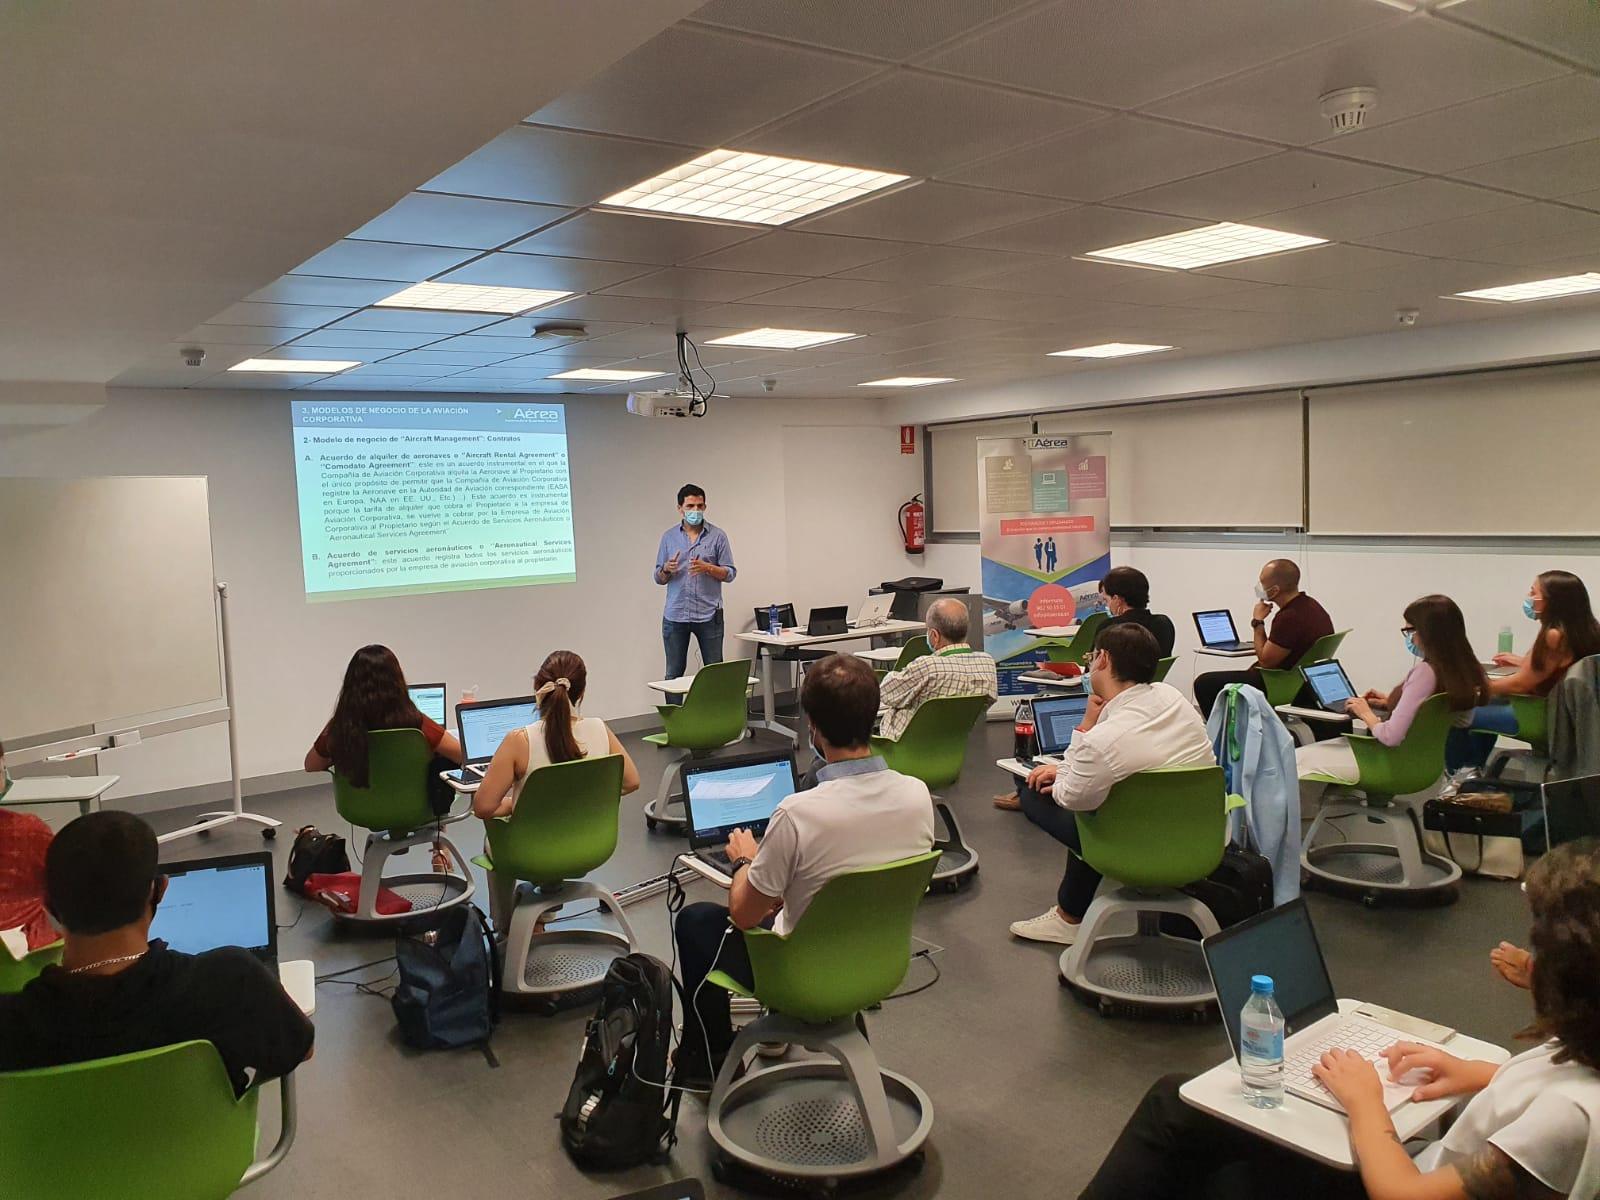 IMG 20200904 WA0004 - Éxito en el regreso a las aulas en las sedes presenciales de ITAérea Aeronautical Business School